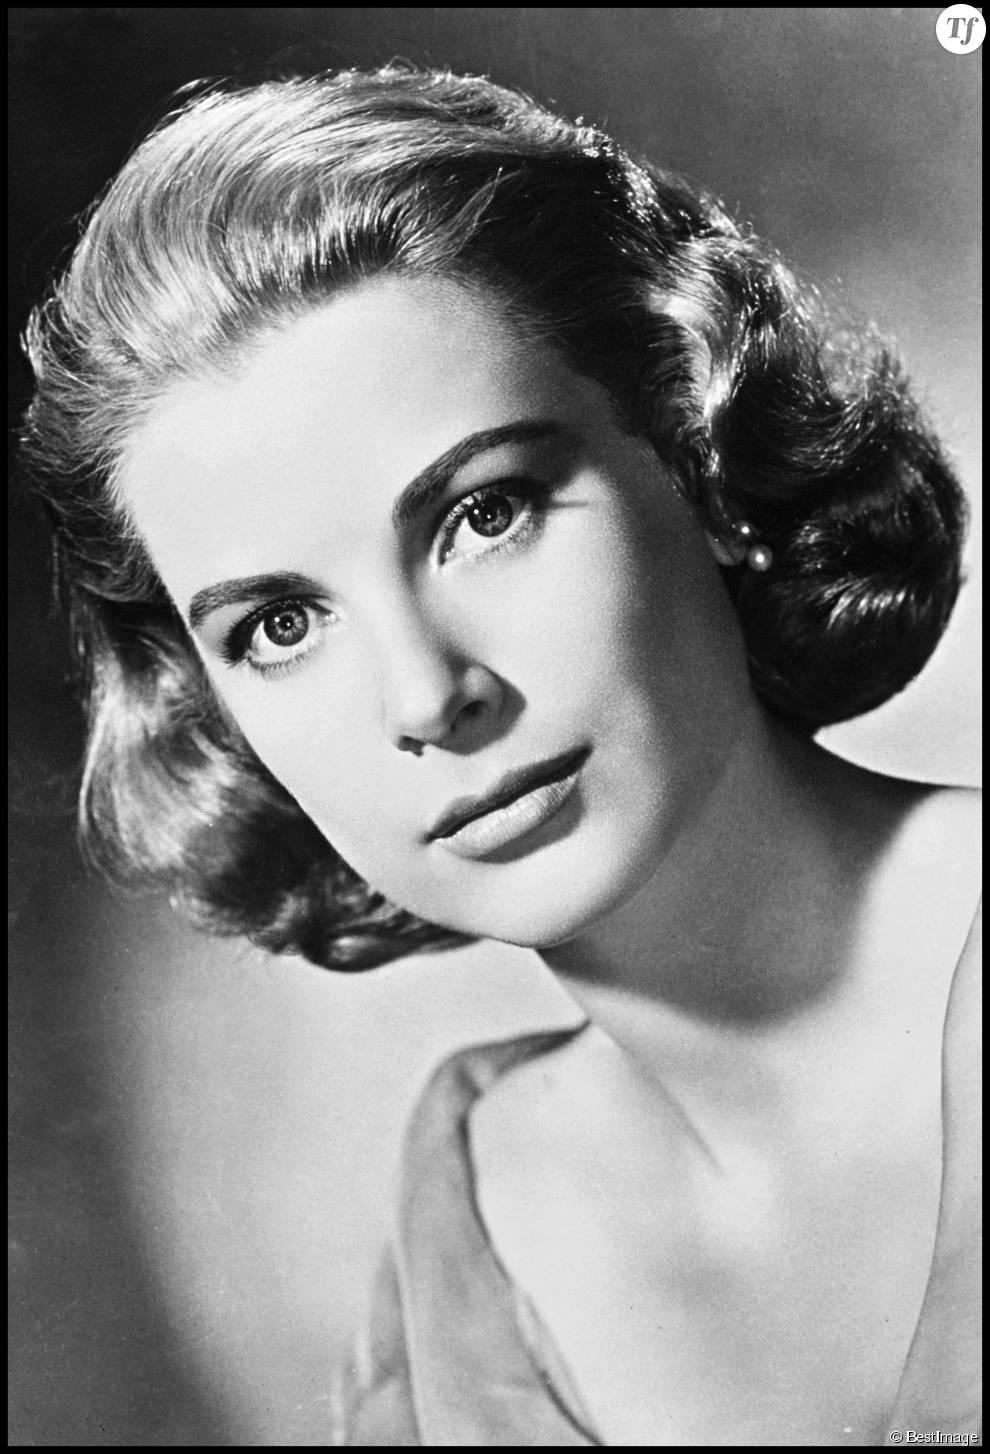 La princesse Grace Kelly a largement inspiré les pin-up d'aujourd'hui avec son carré bouclé ultra sophistiqué dans les années 50.